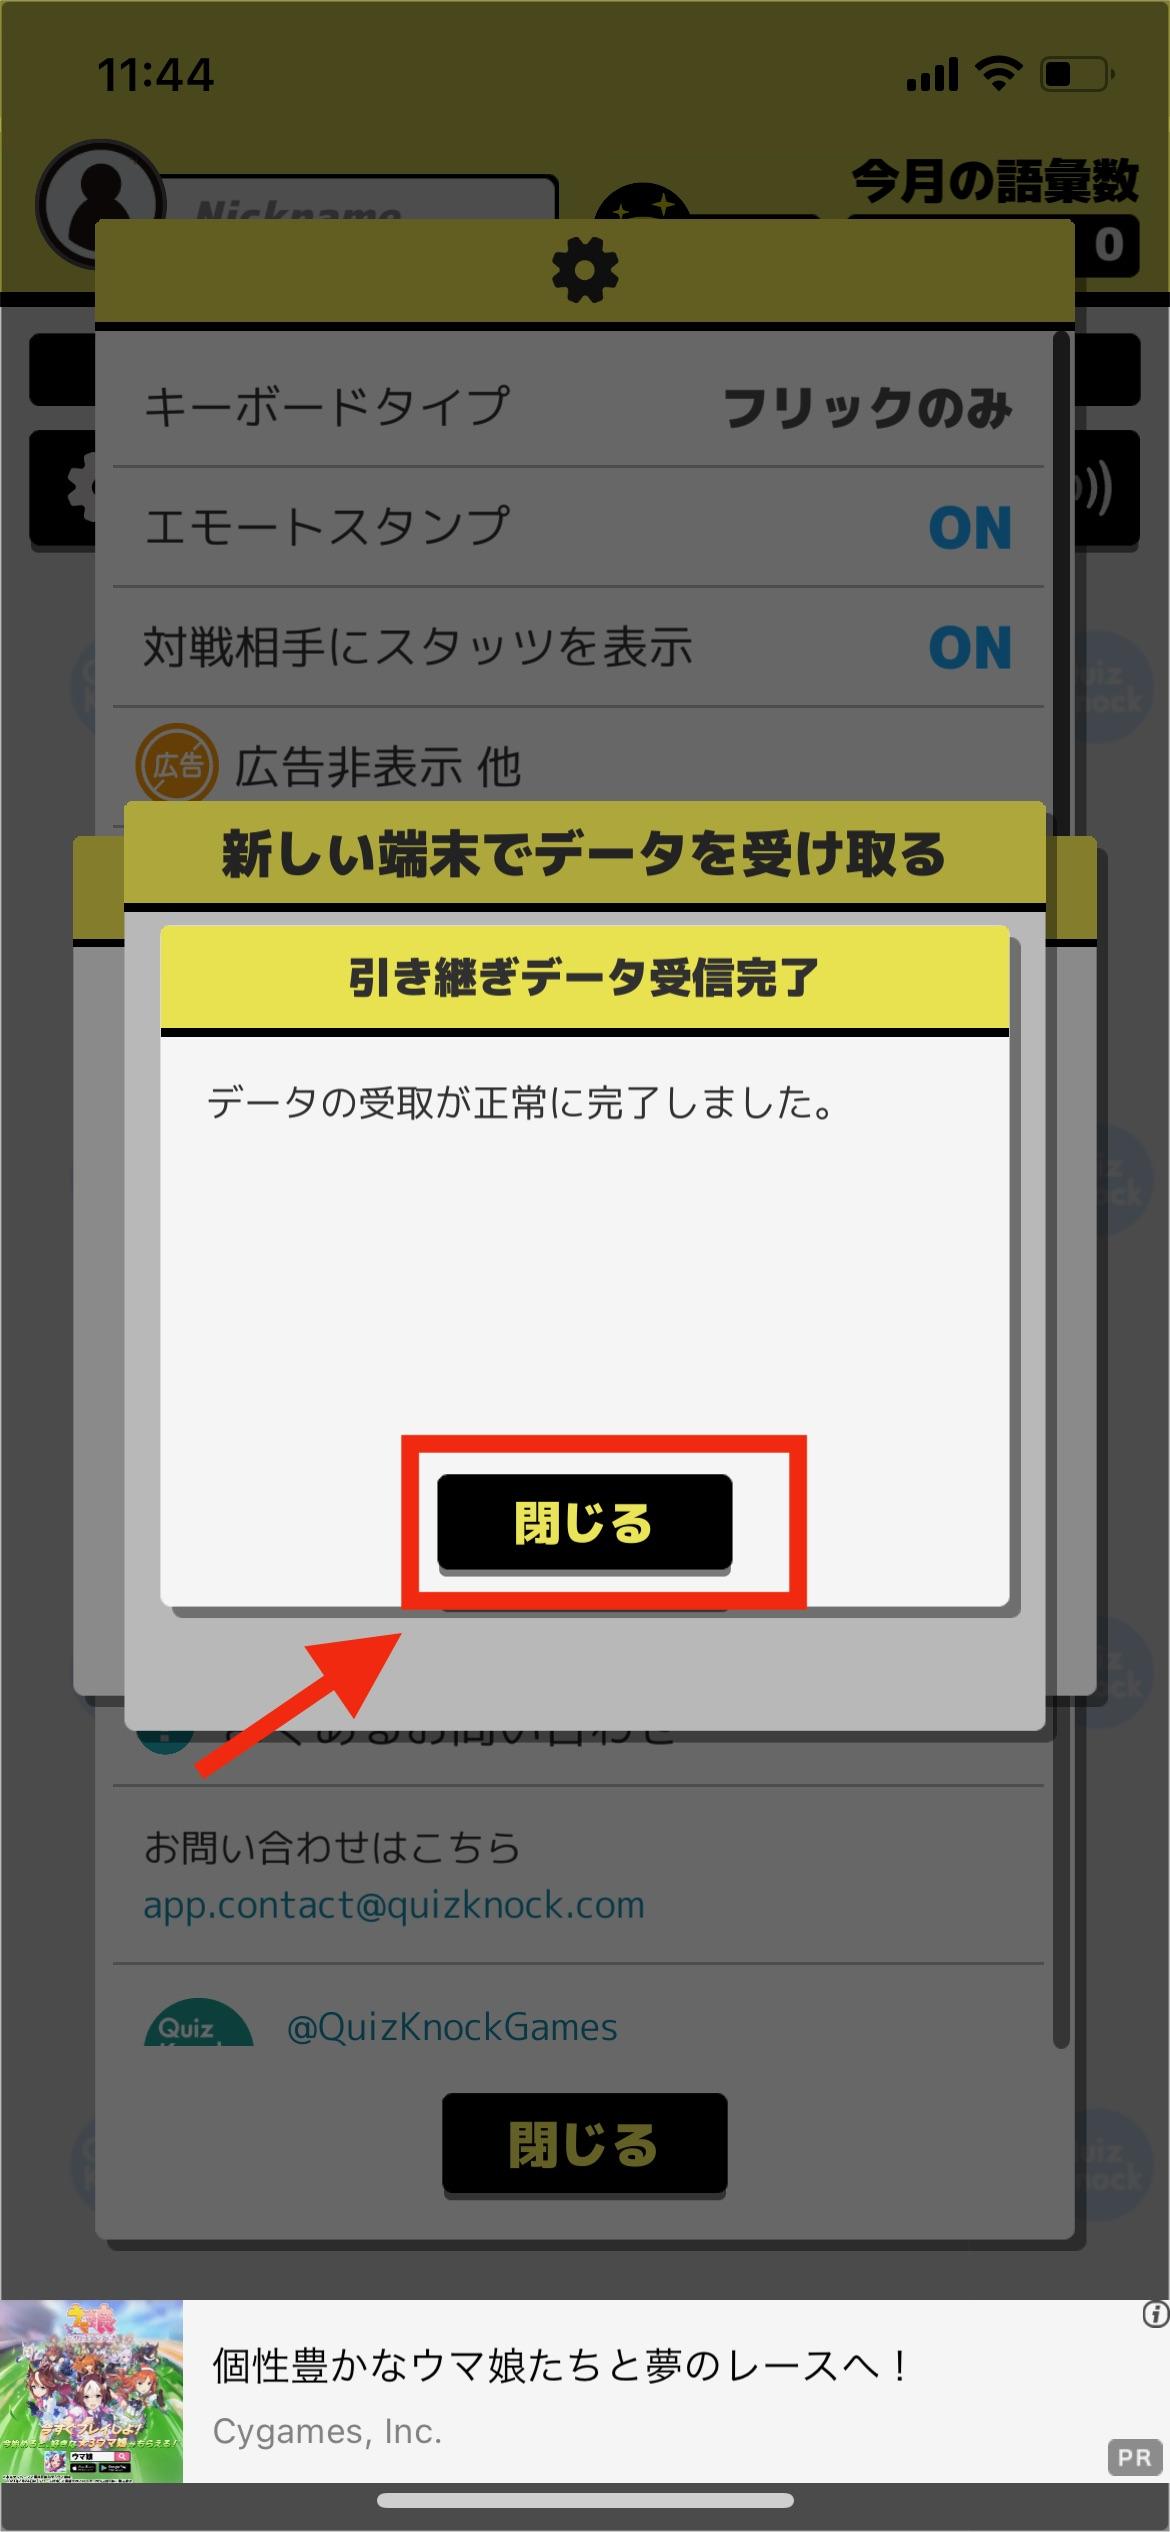 データ受取が完了したら「閉じる」ボタンを押す